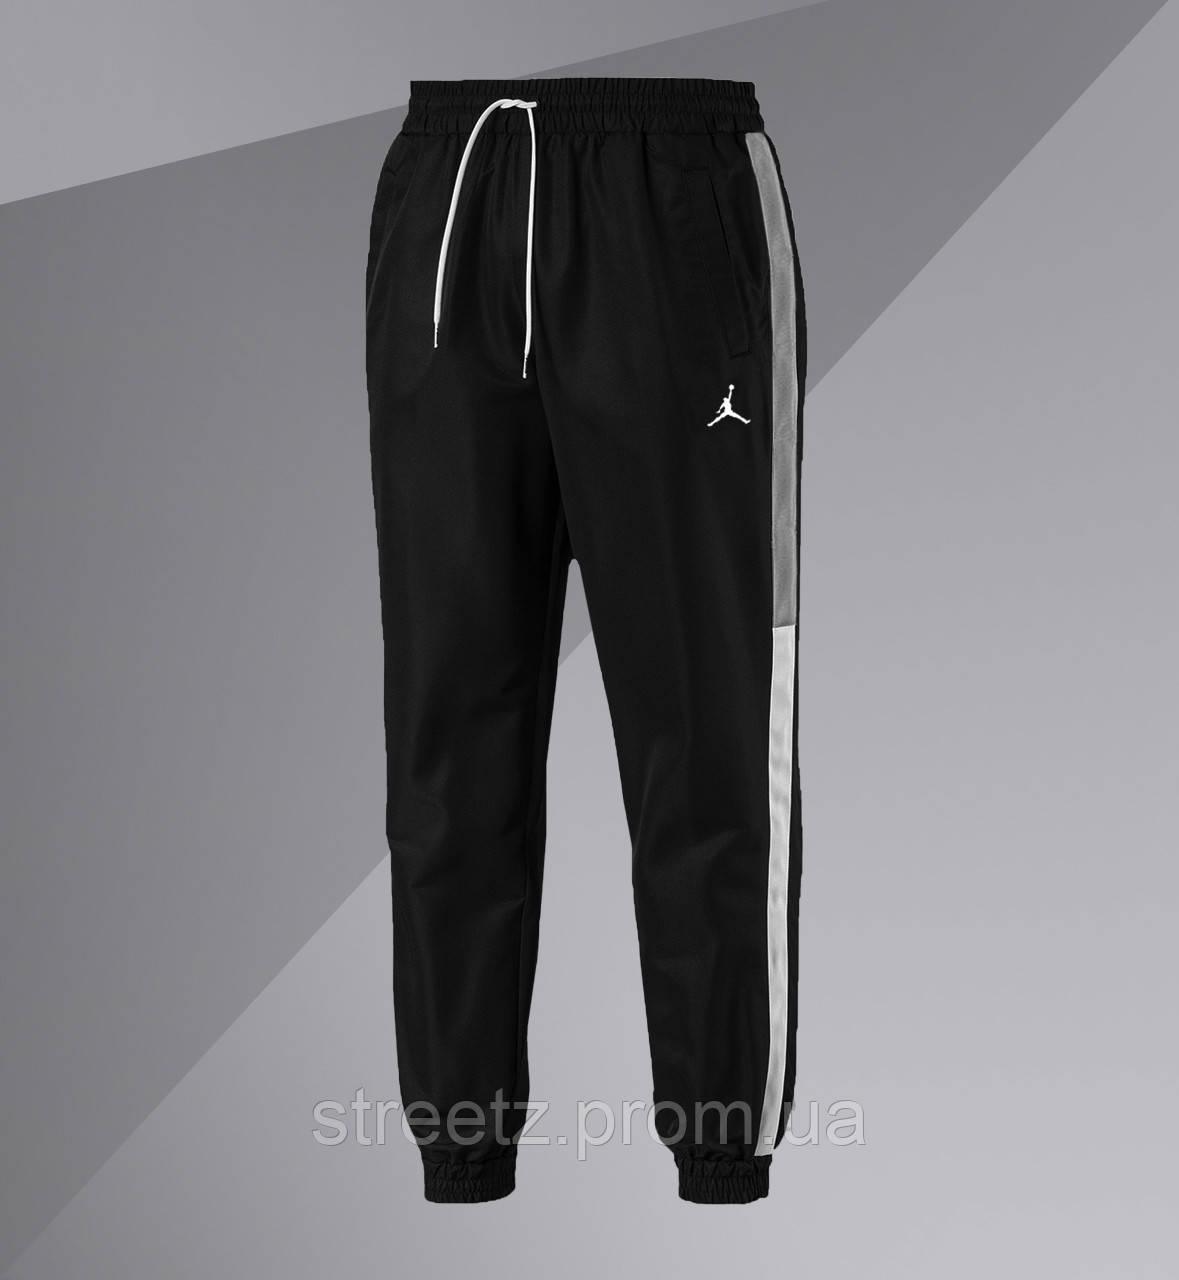 Спортивные штаны Jordan  Pants